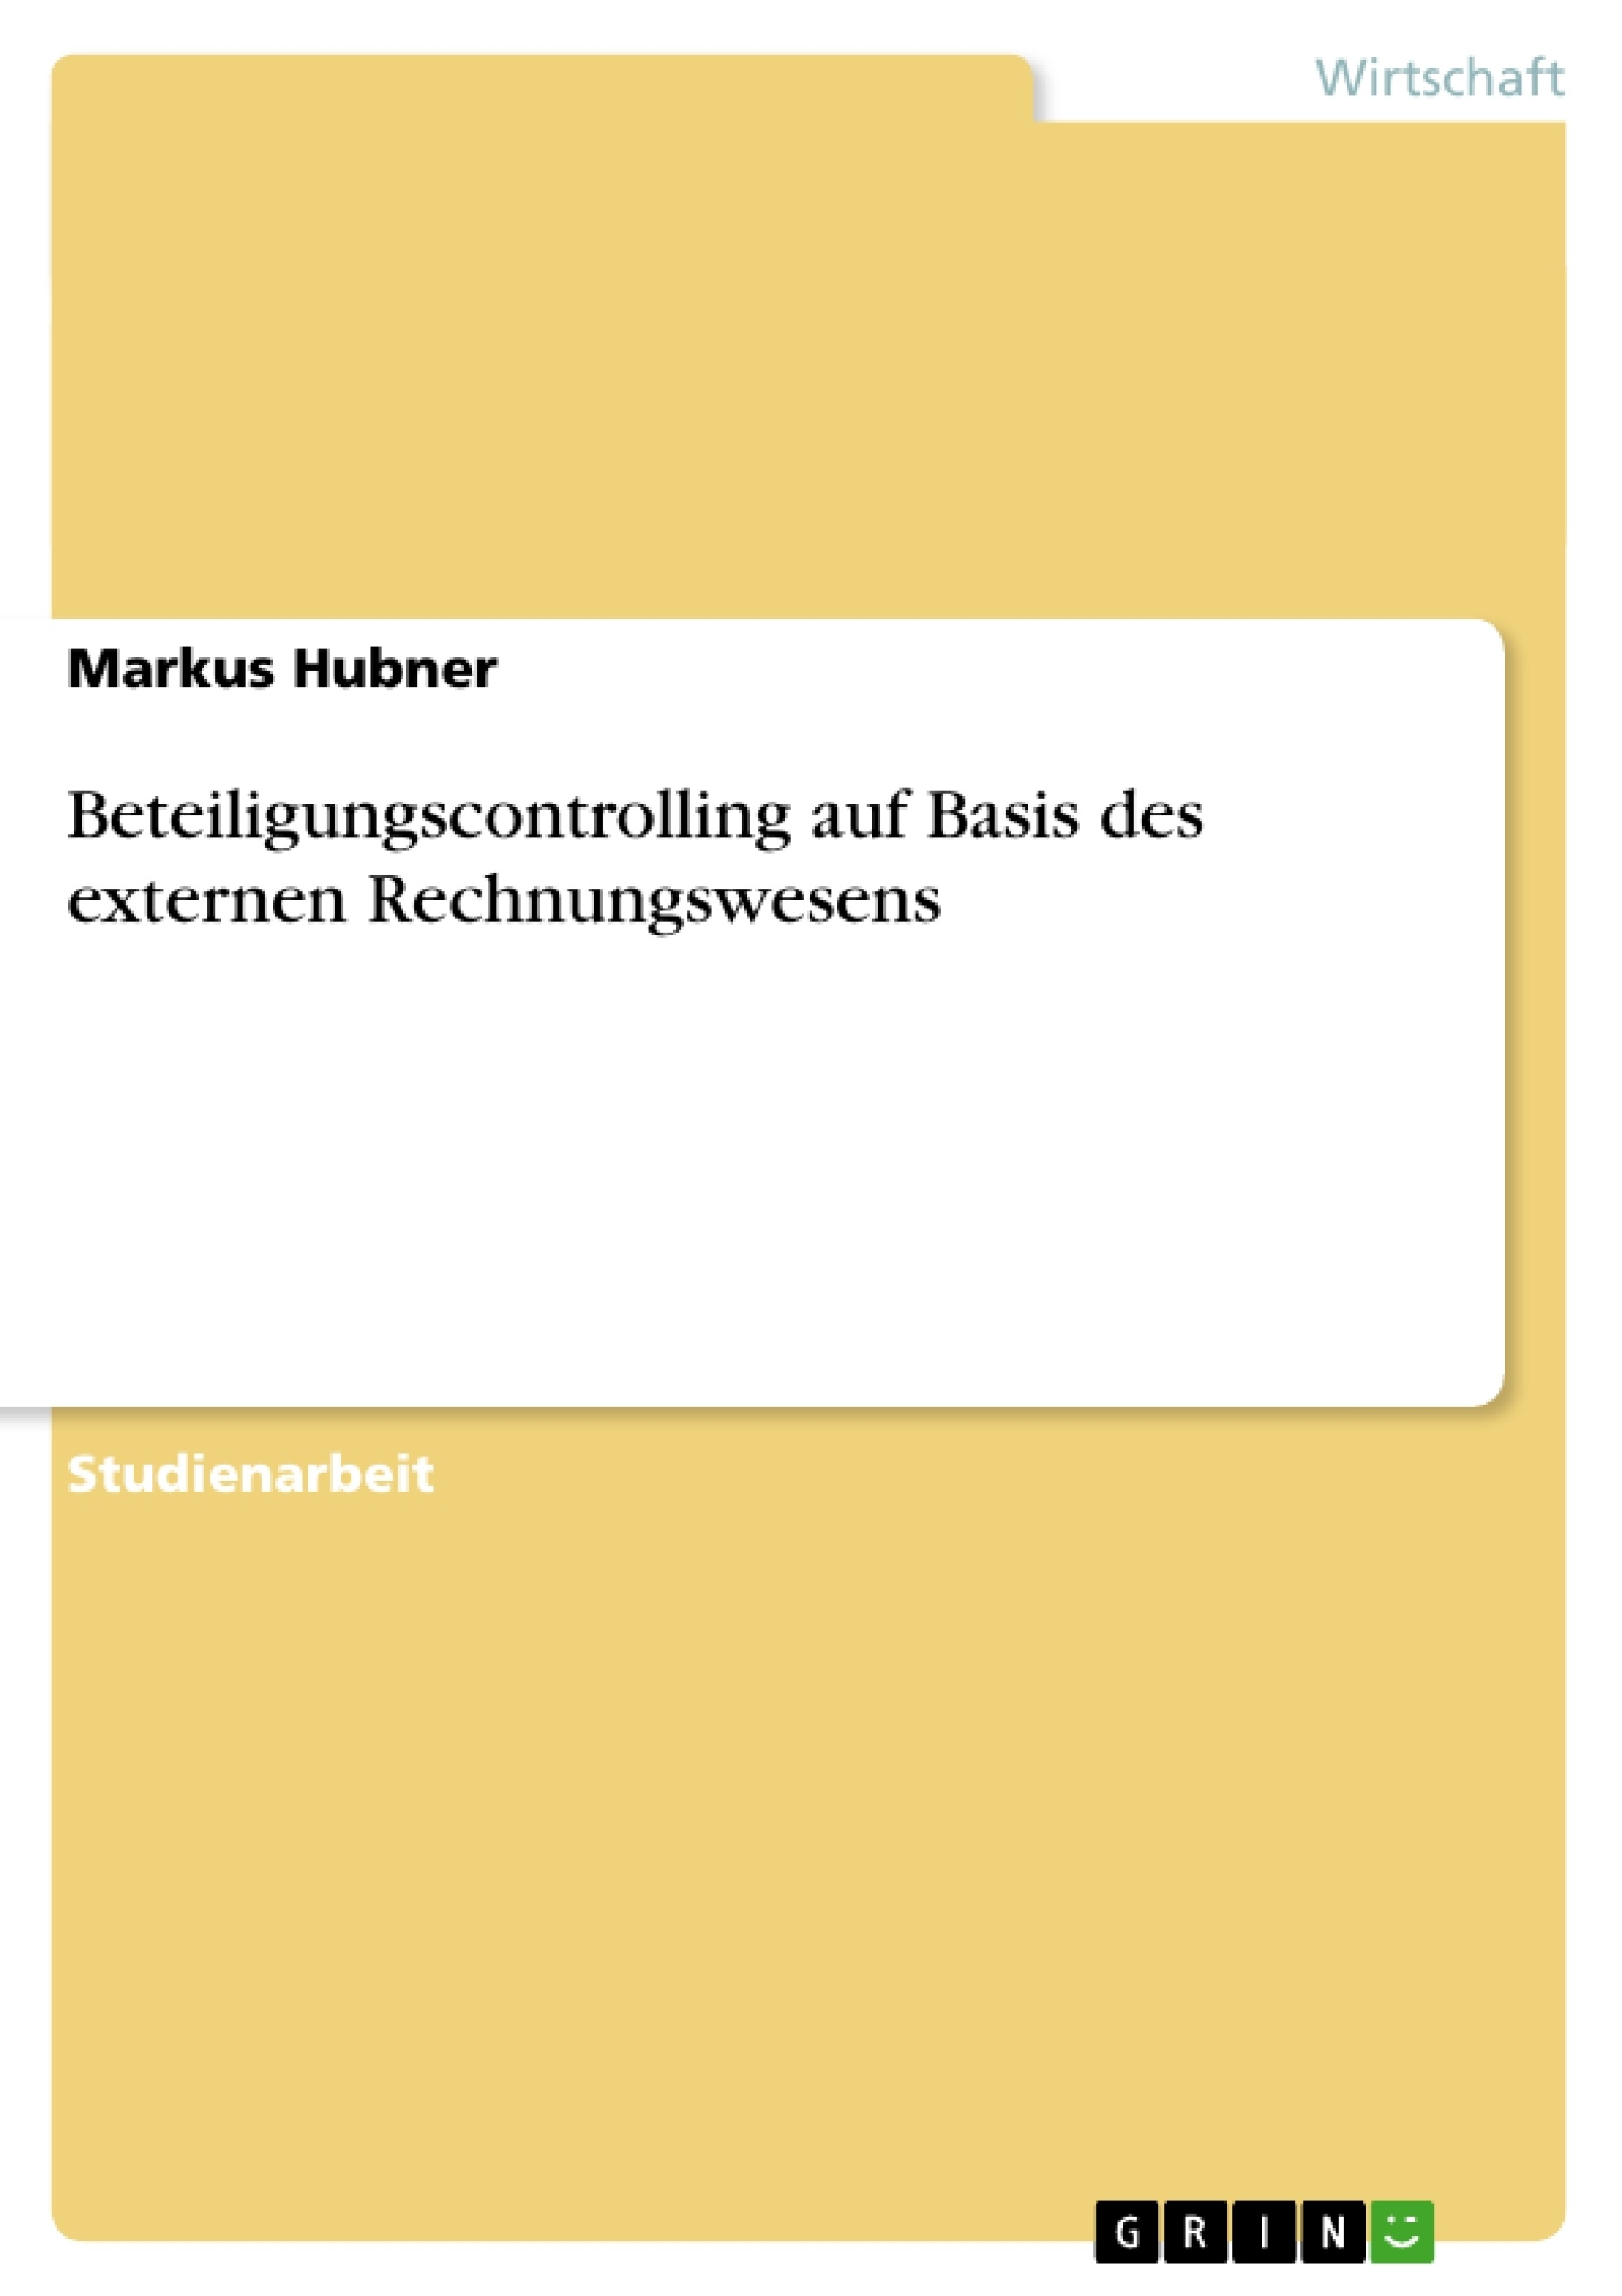 Titel: Beteiligungscontrolling auf Basis des externen Rechnungswesens